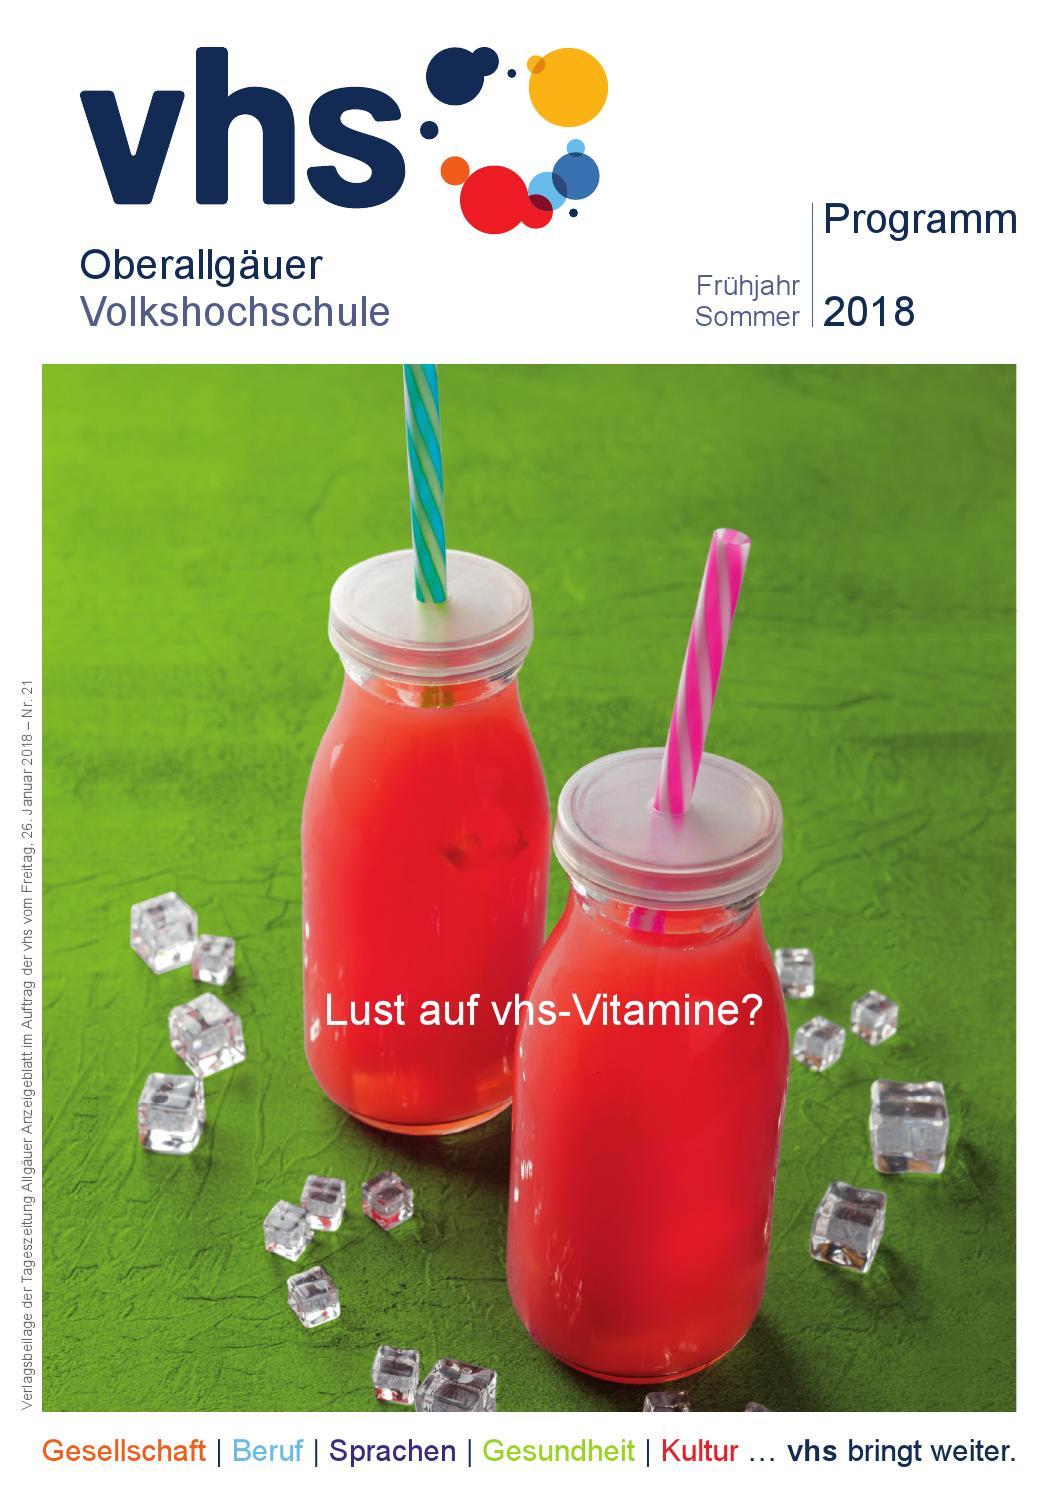 vhs-Programmheft Frühjahr/Sommer 2018 by Oberallgäuer ...